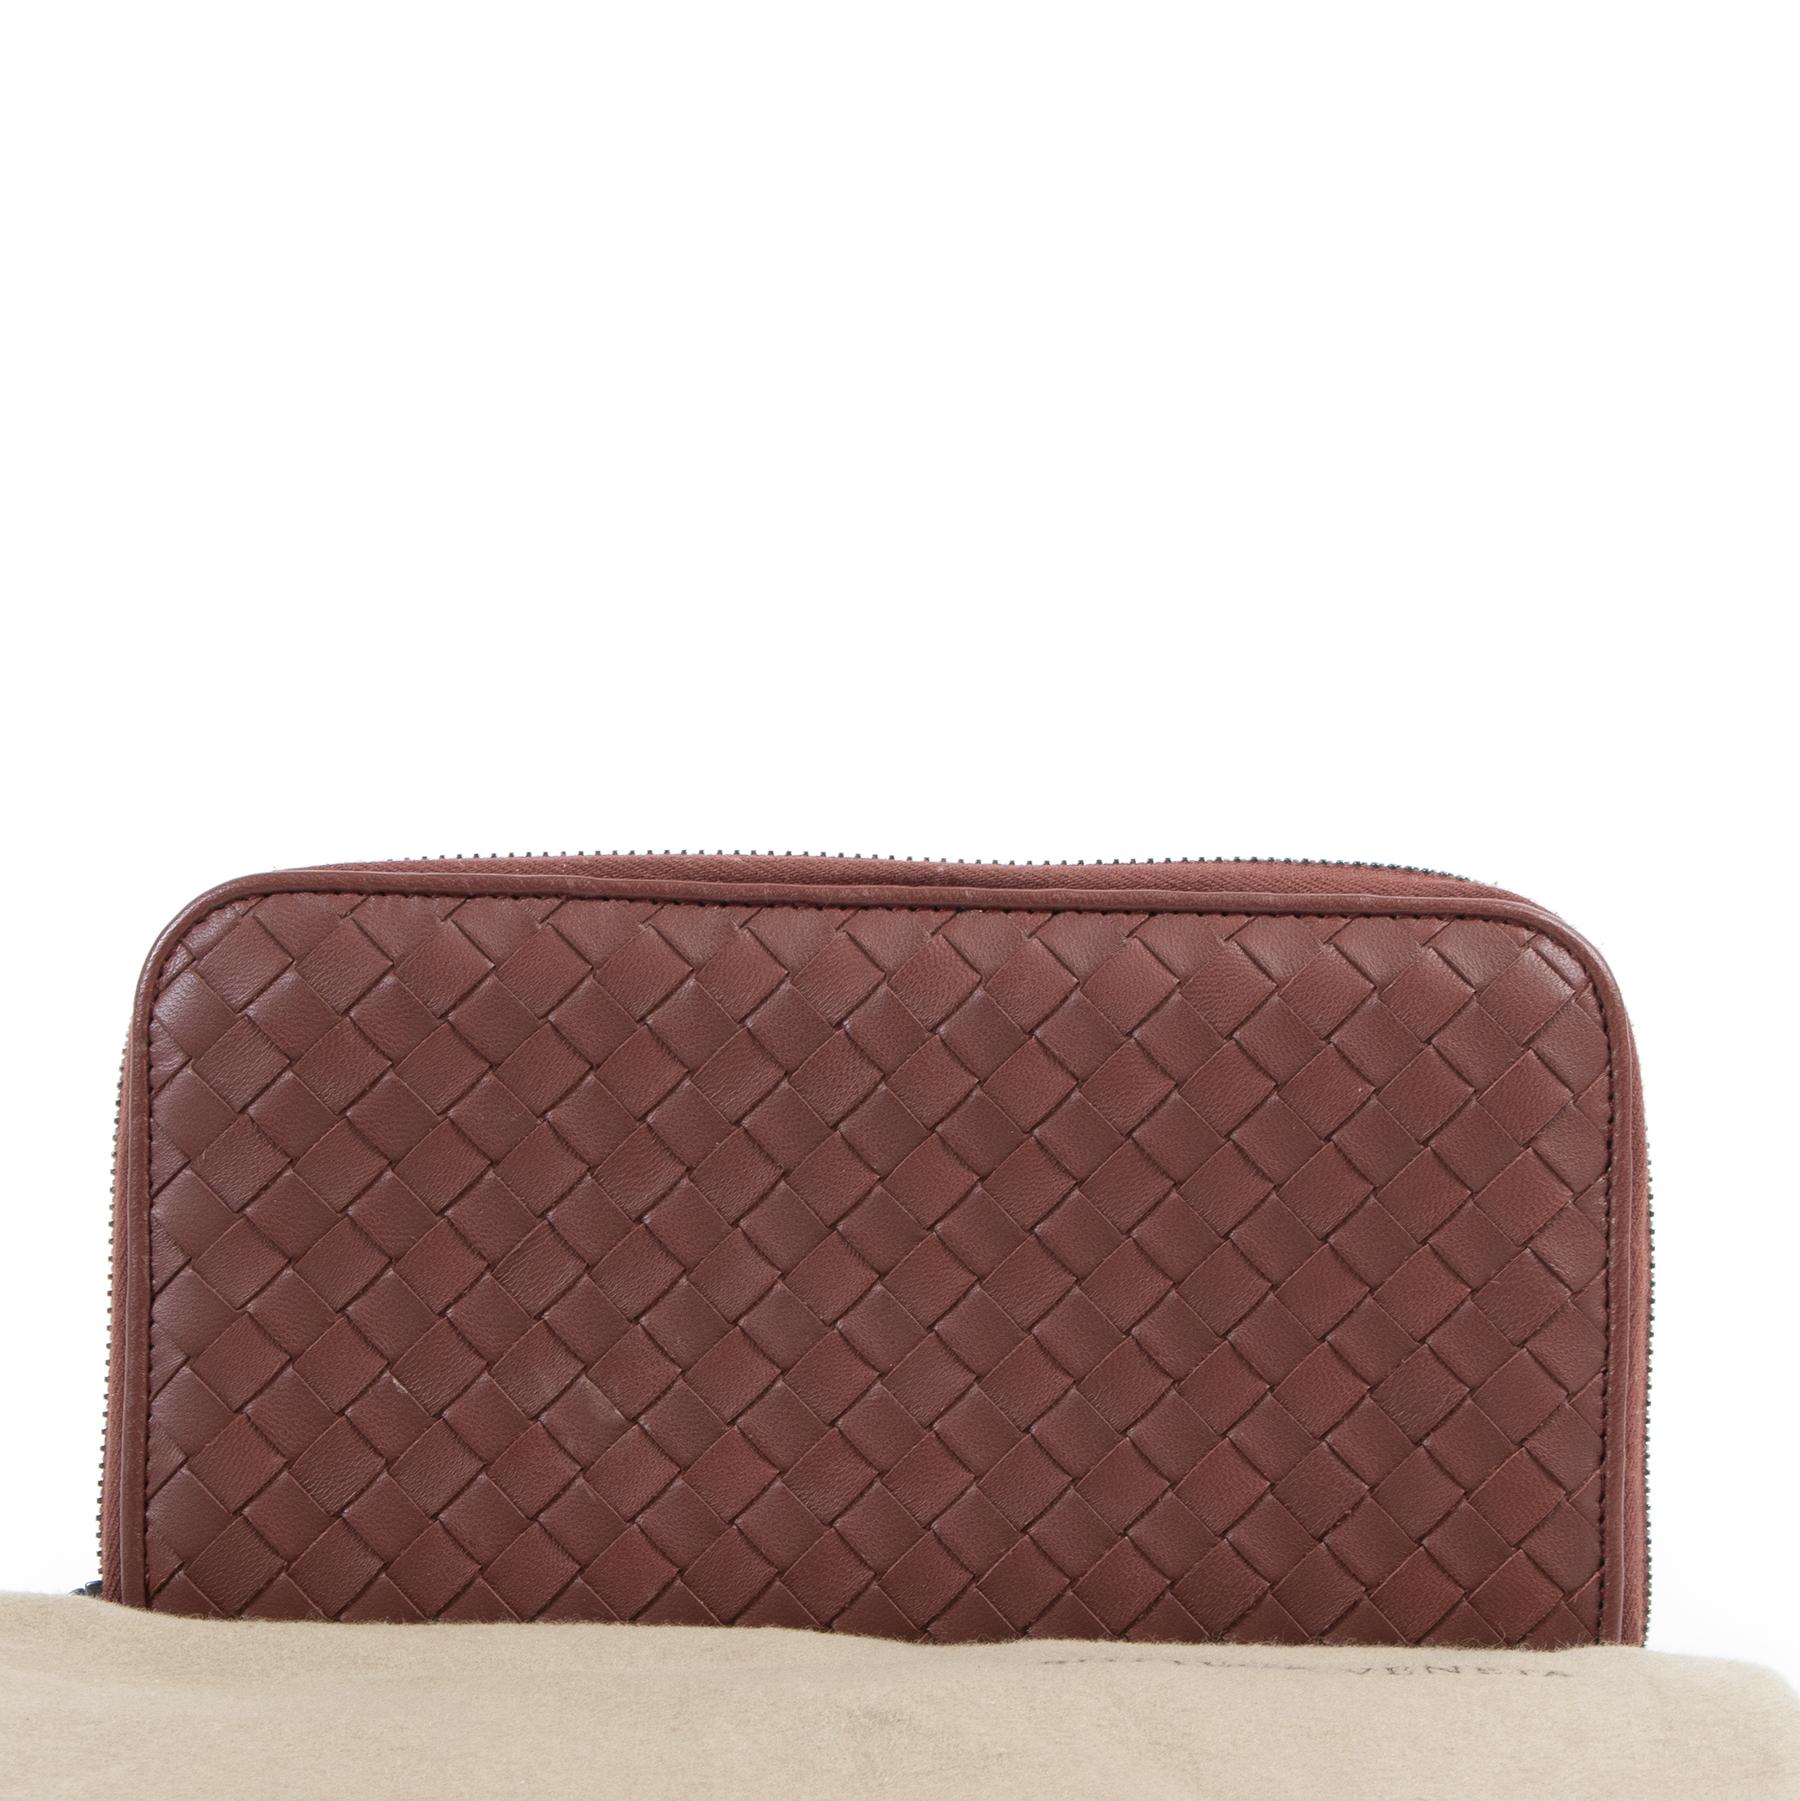 koop online tegen de beste prijs Bottega Veneta Bordeaux Zip-Around Wallet